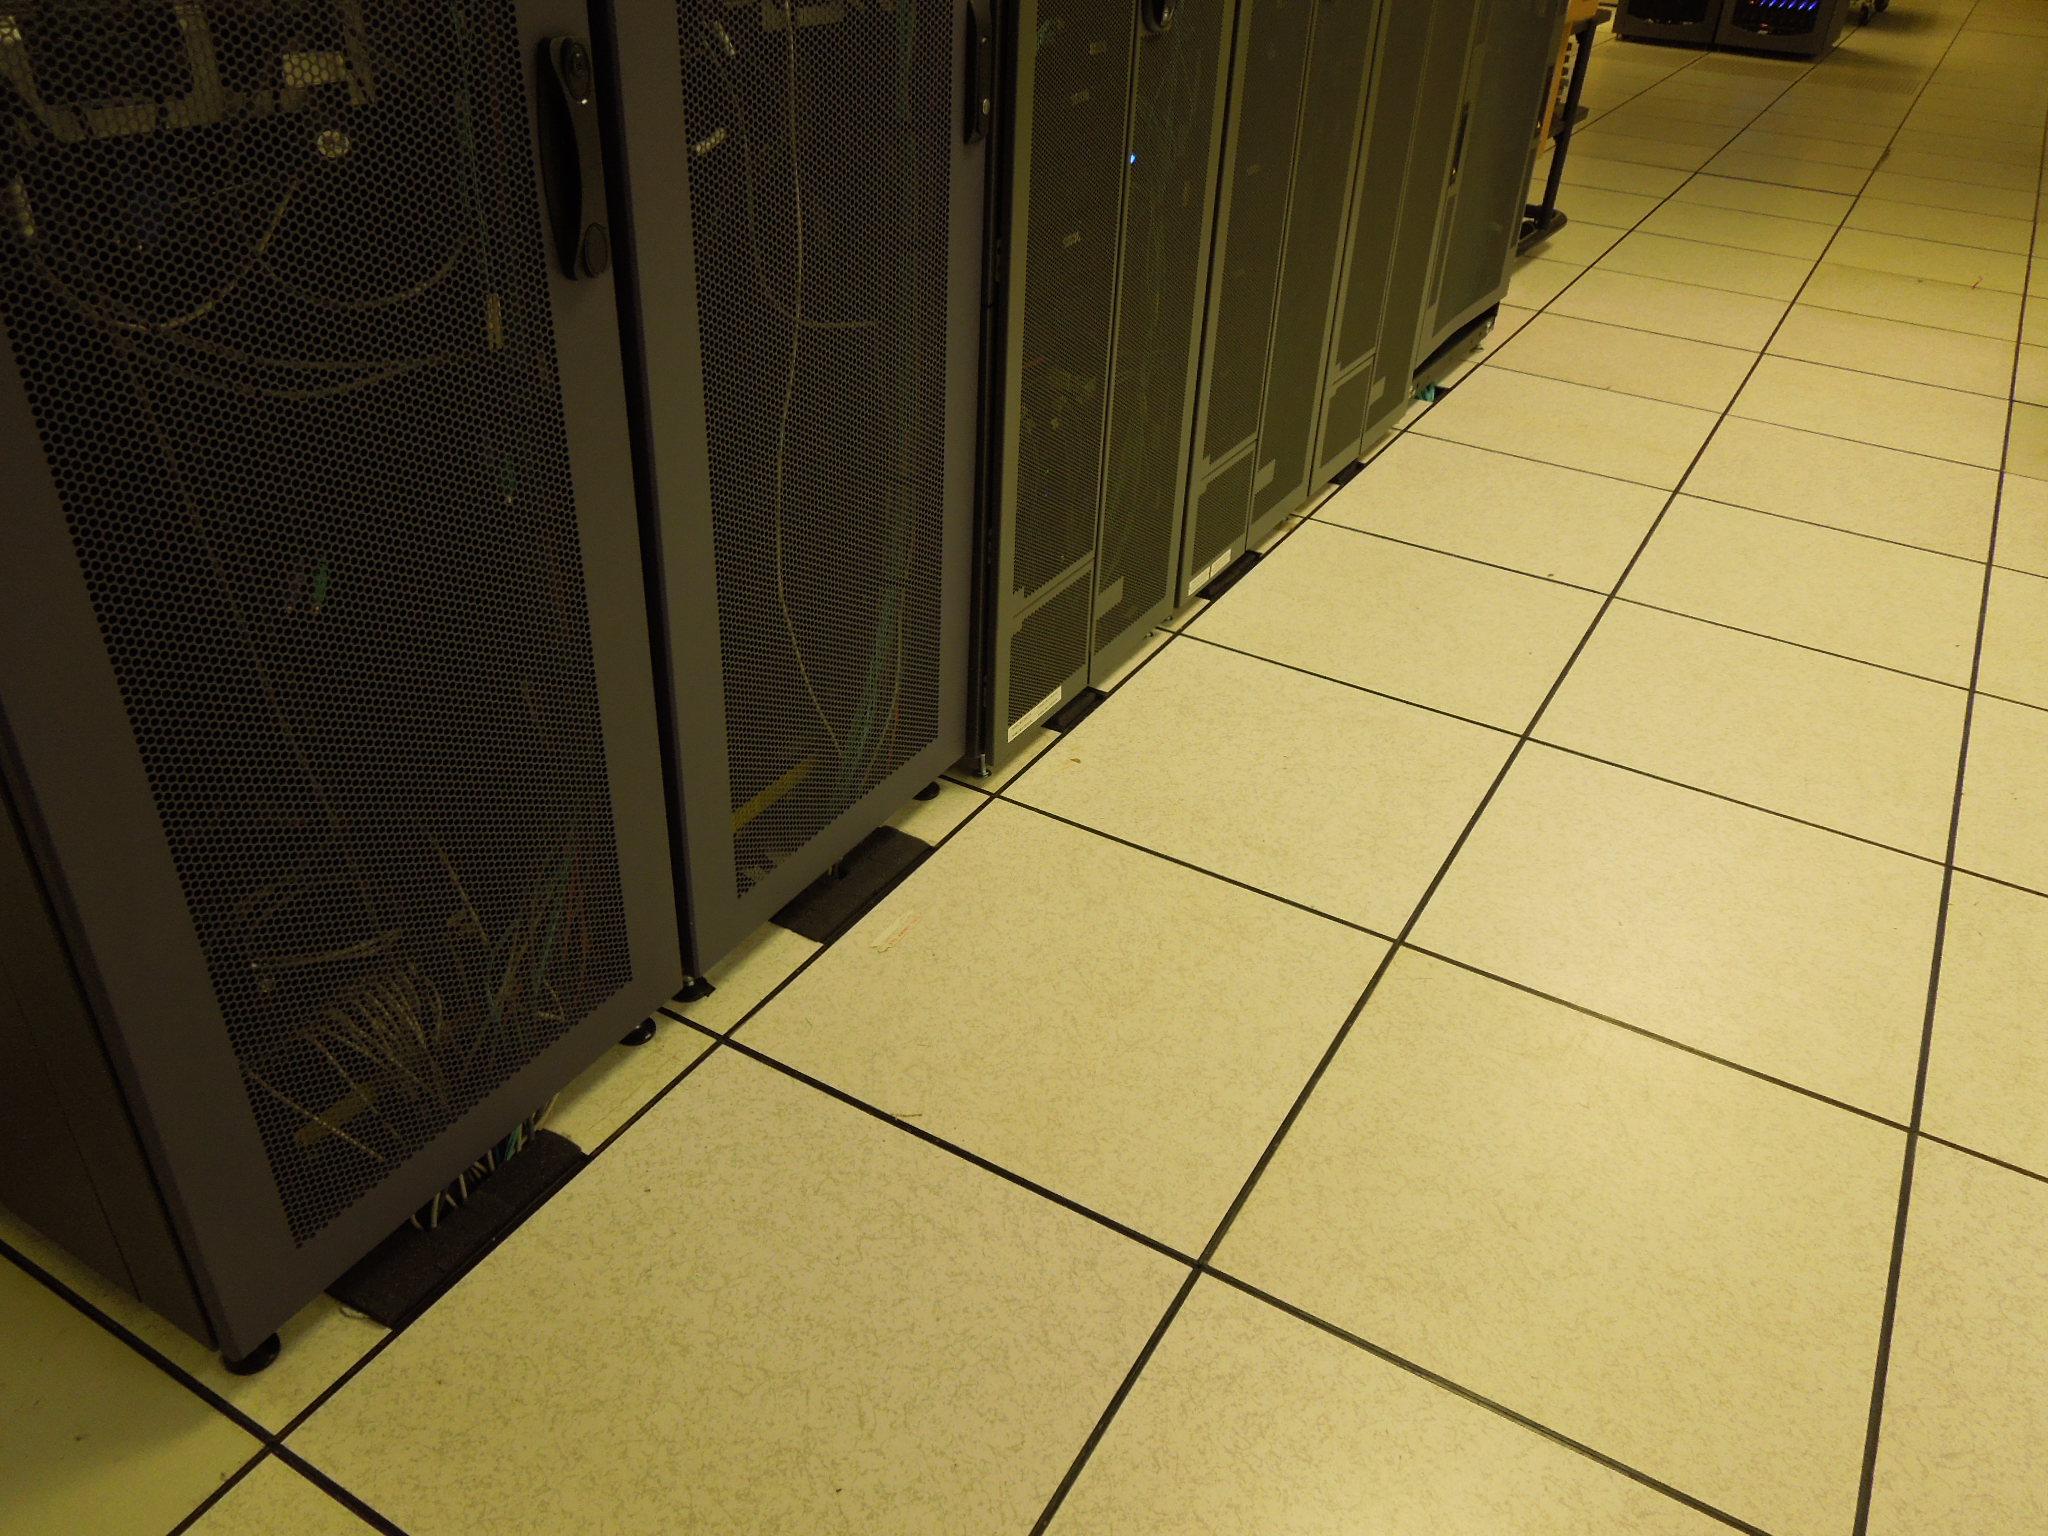 Raised Floor Accessories Raised Access Floors Access Floor Panels Raised Floor